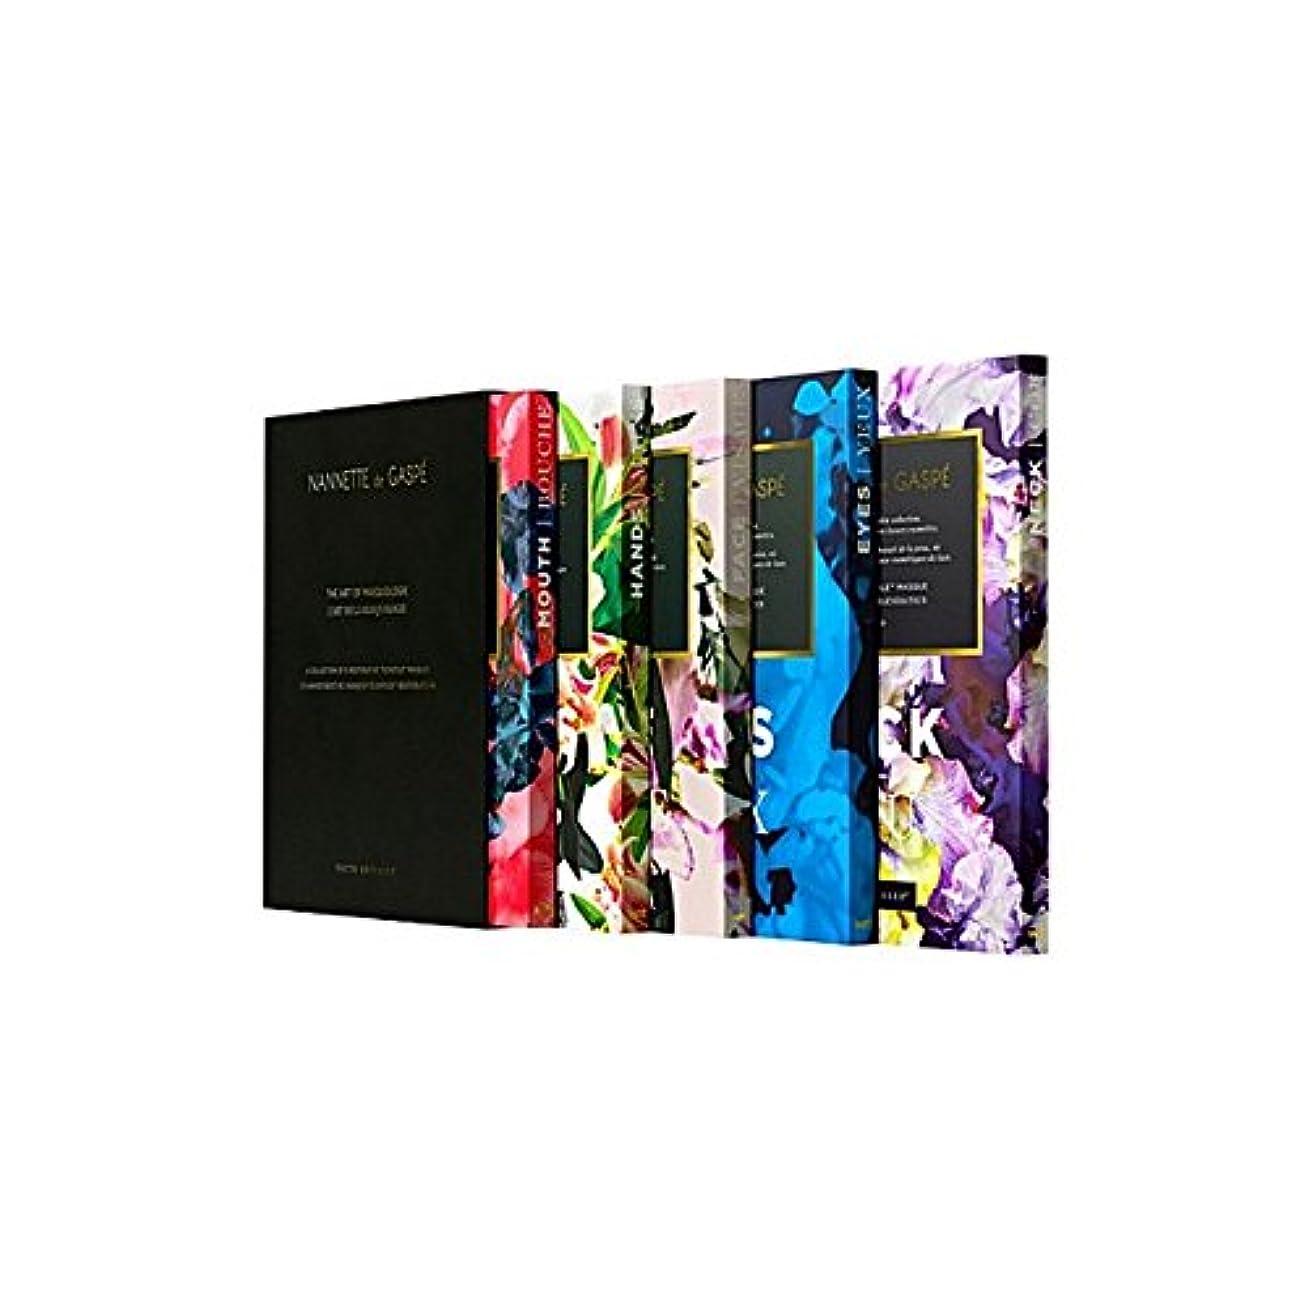 追い越す期限弱点デガスペ修復仮面劇コフレ x2 - Nannette De Gaspe Restorative Techstile Masque Coffret (Pack of 2) [並行輸入品]